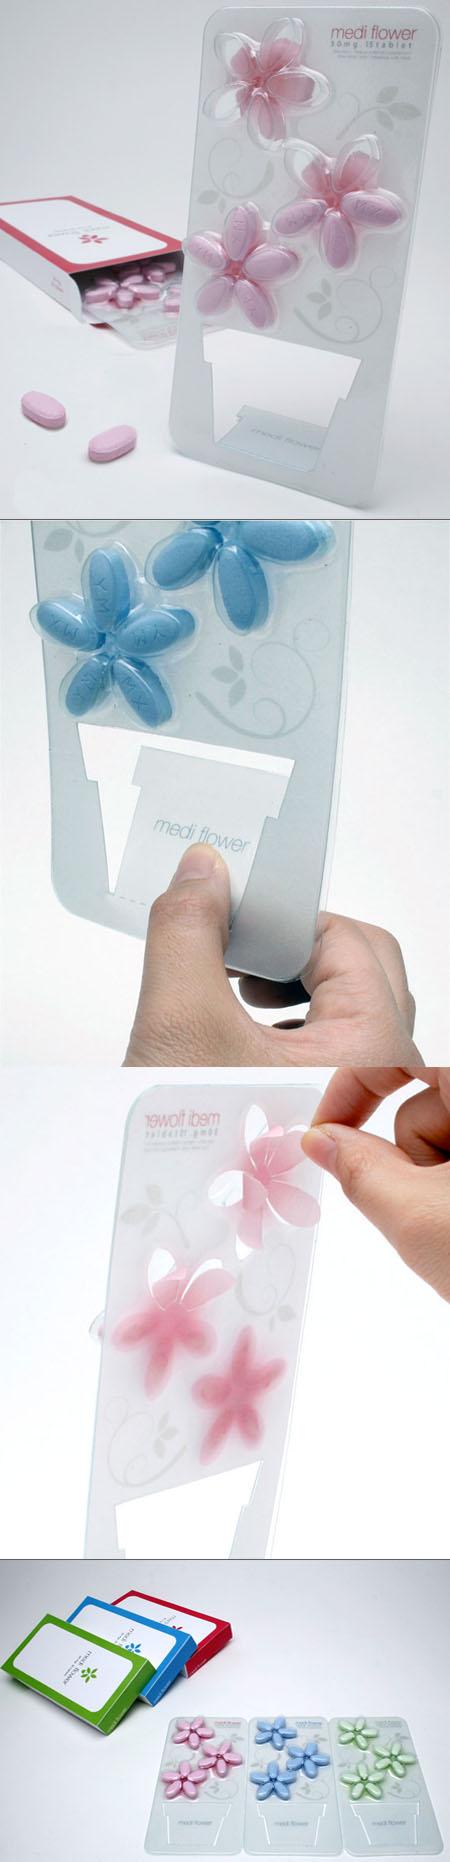 Packaging design Medi Flower